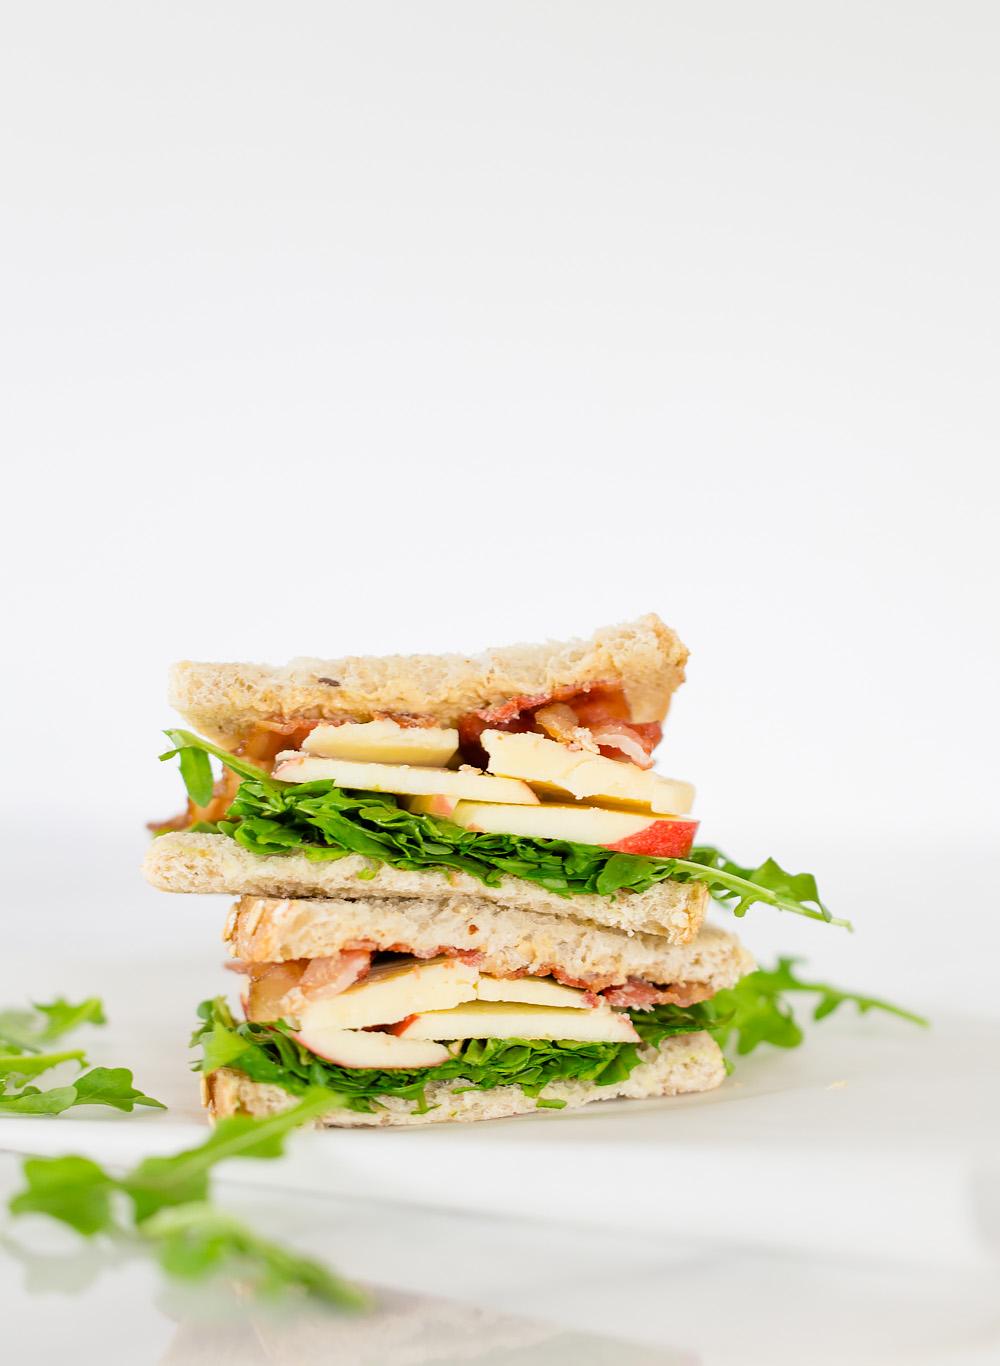 Apple, cheddar, and arugula sandwich. Easy lunch ideas.